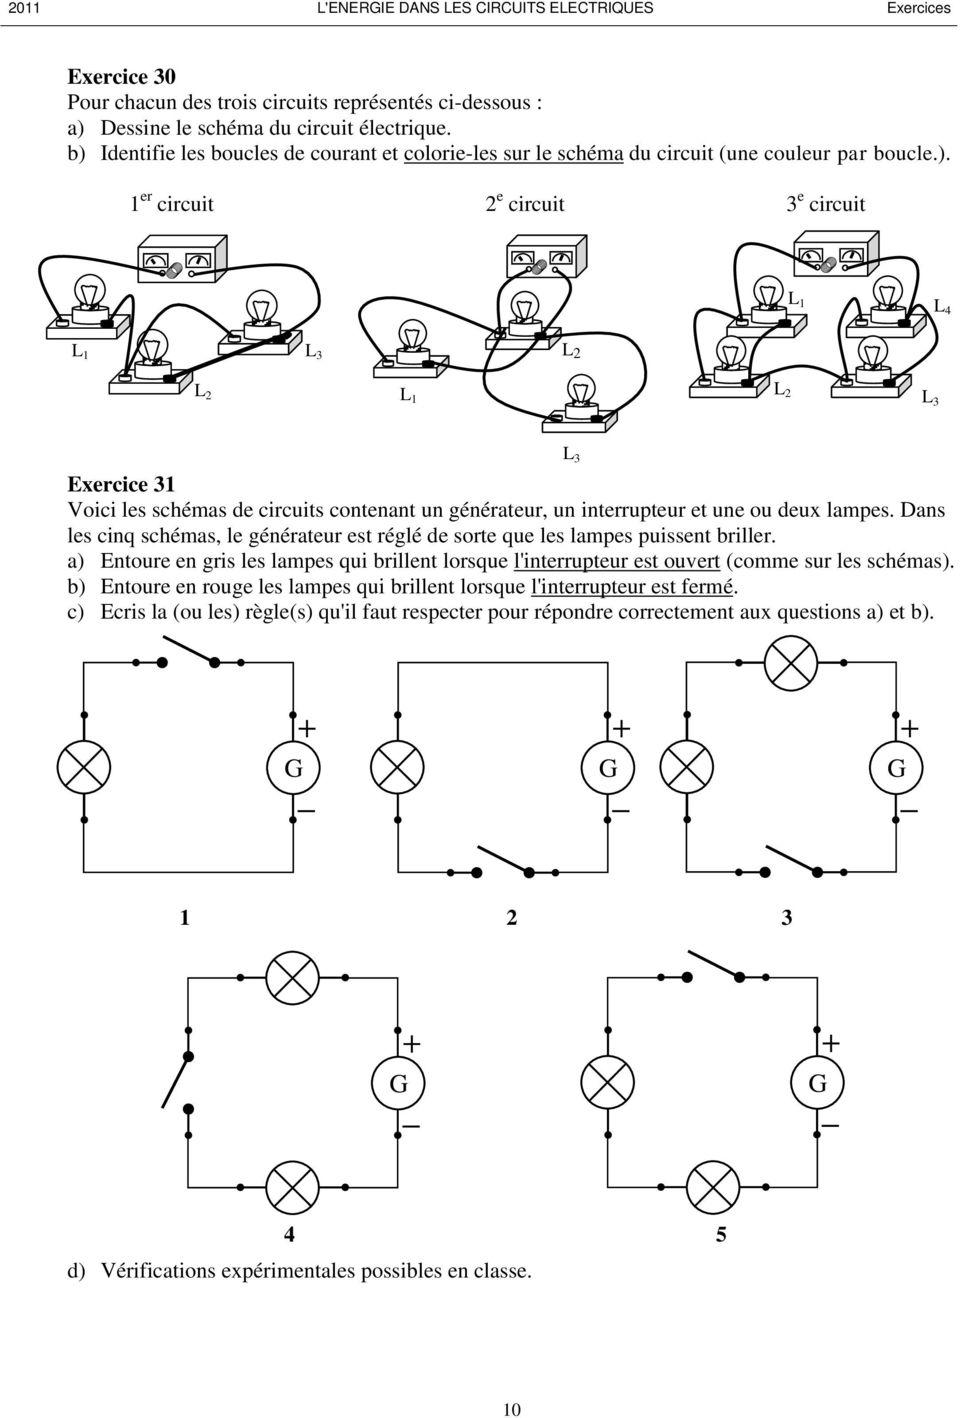 Exercices de schéma électrique